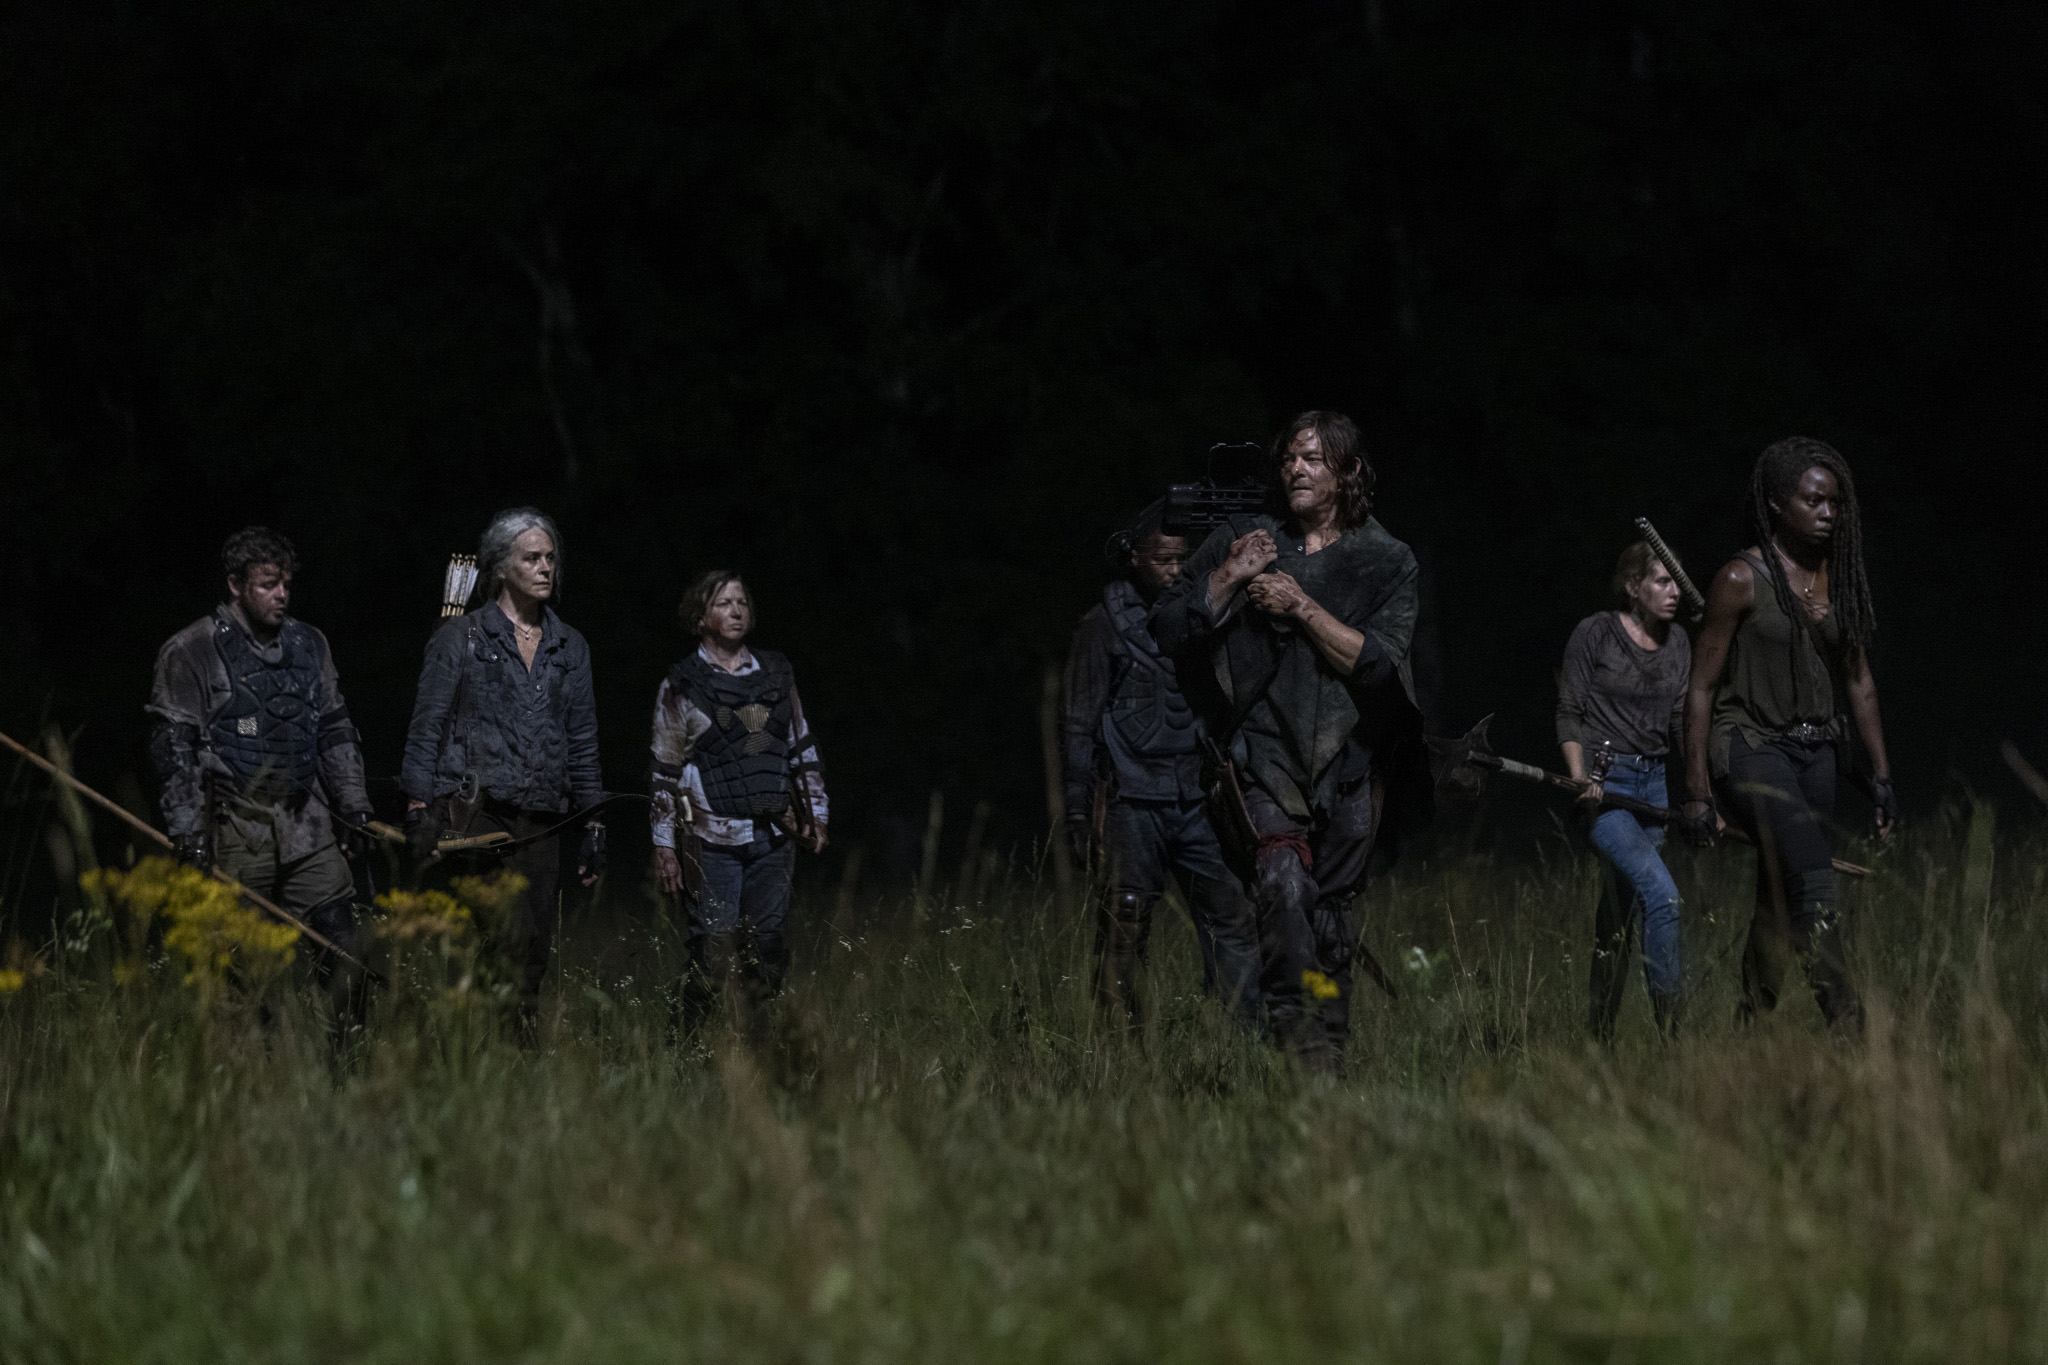 The Walking Dead Season 10 Tập 3 - Khi những bóng ma từ quá khứ hiện về - Hình 1